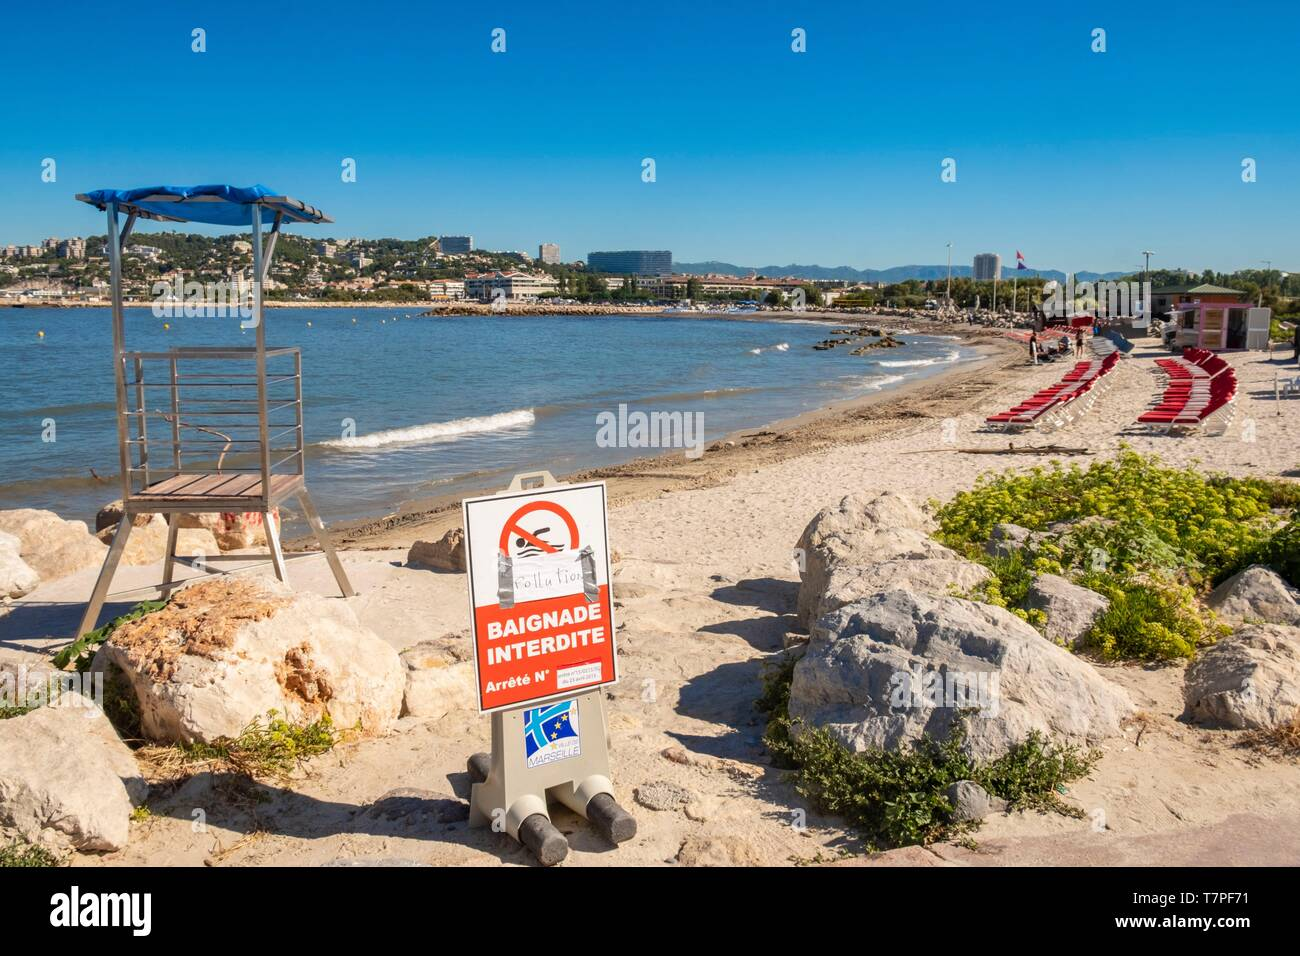 France Bouches Du Rhone Marseille The Prado Beaches The Beach